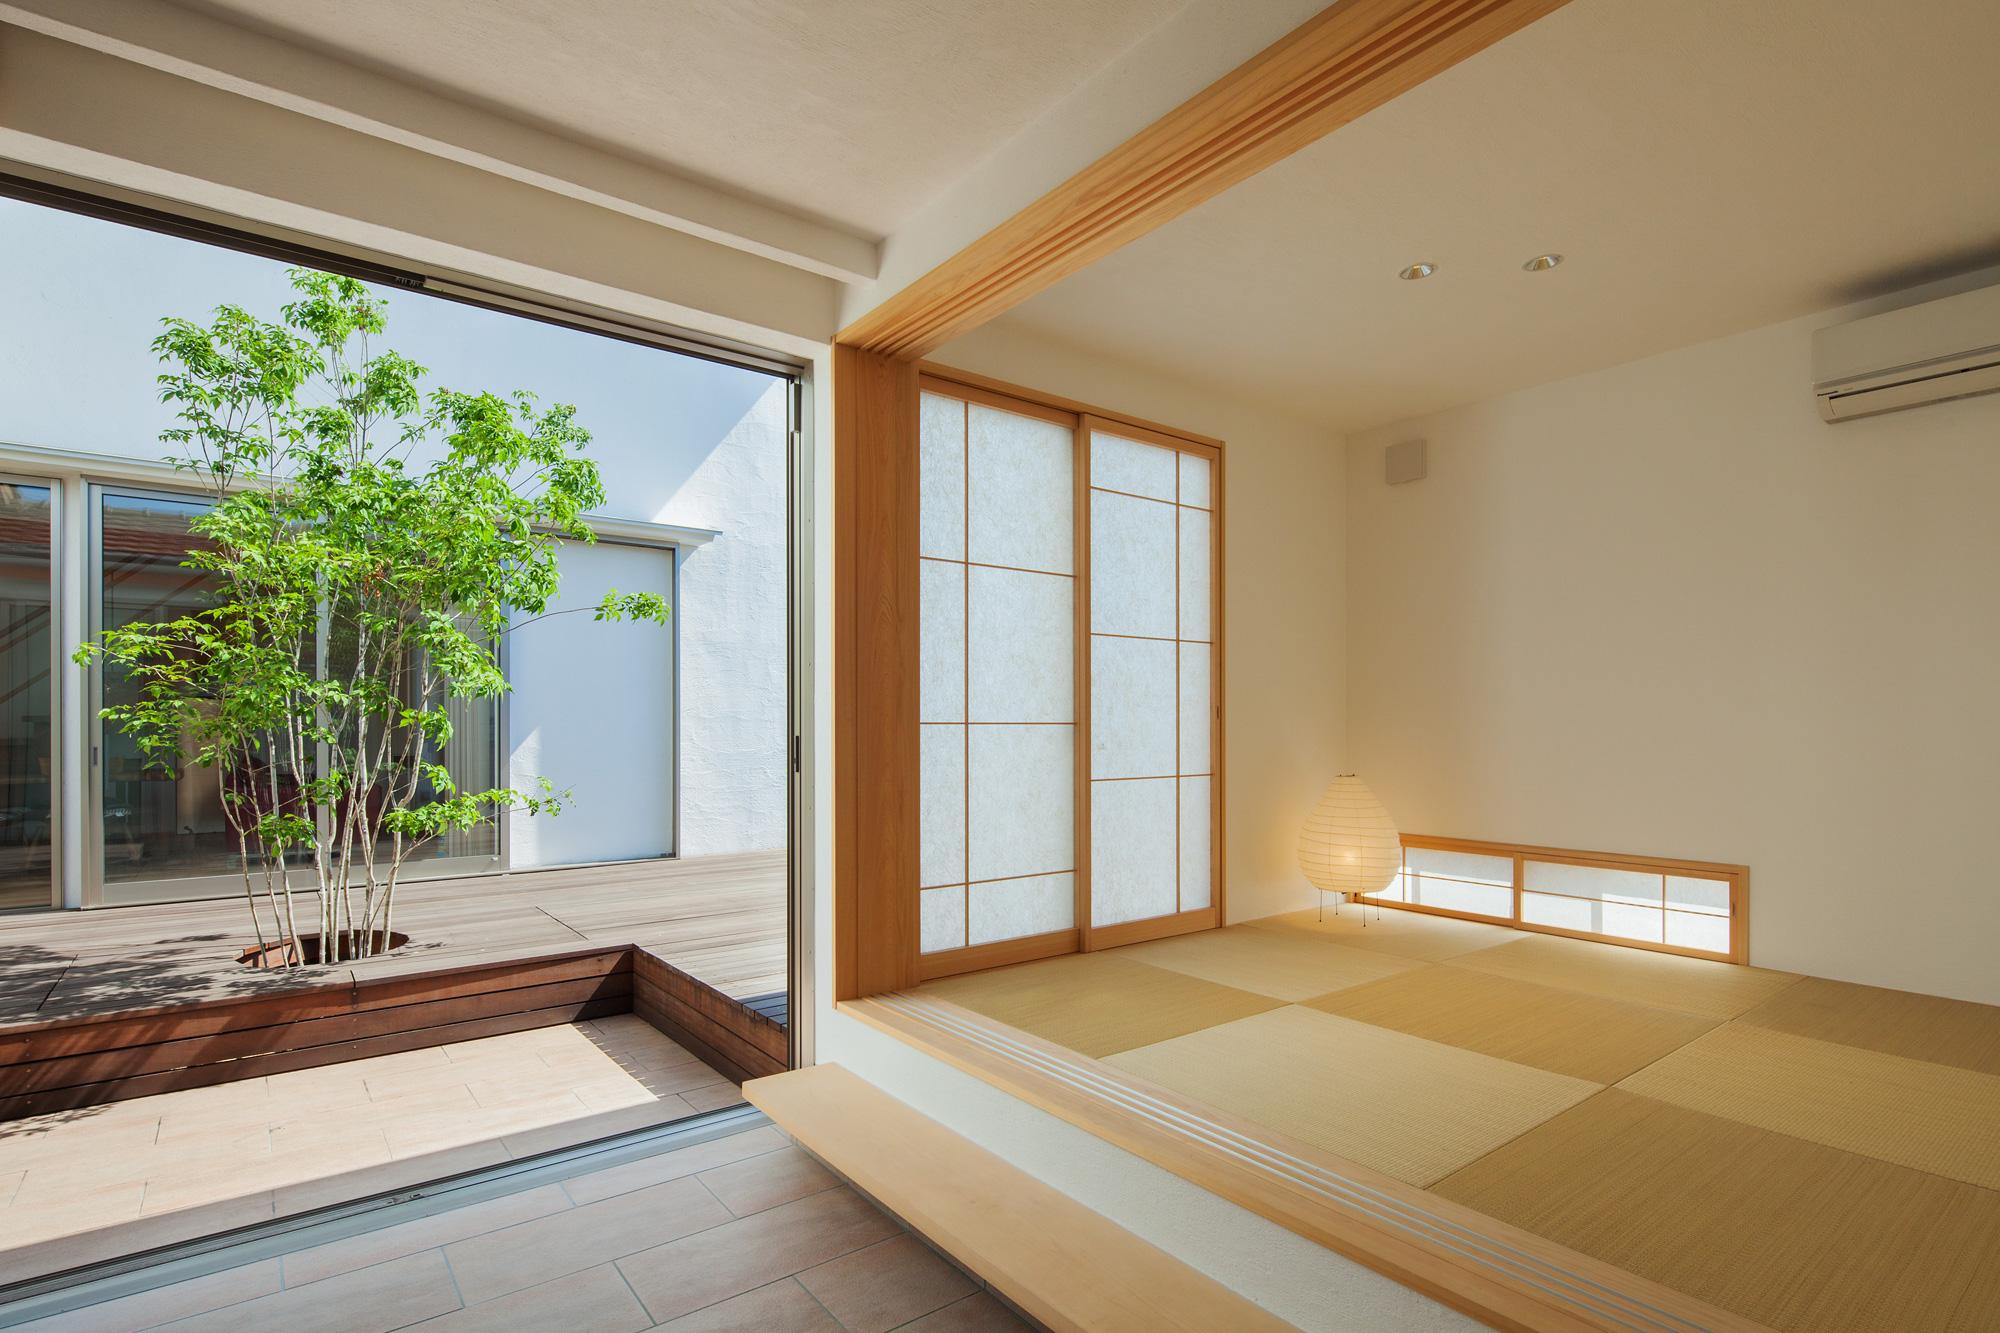 玄関から客間・中庭を望む: 全開放できるサッシと襖を開けると、玄関・客間・中庭がひとつの空間となります。自由度が高く、さまざまな使い勝手が考えられる空間です